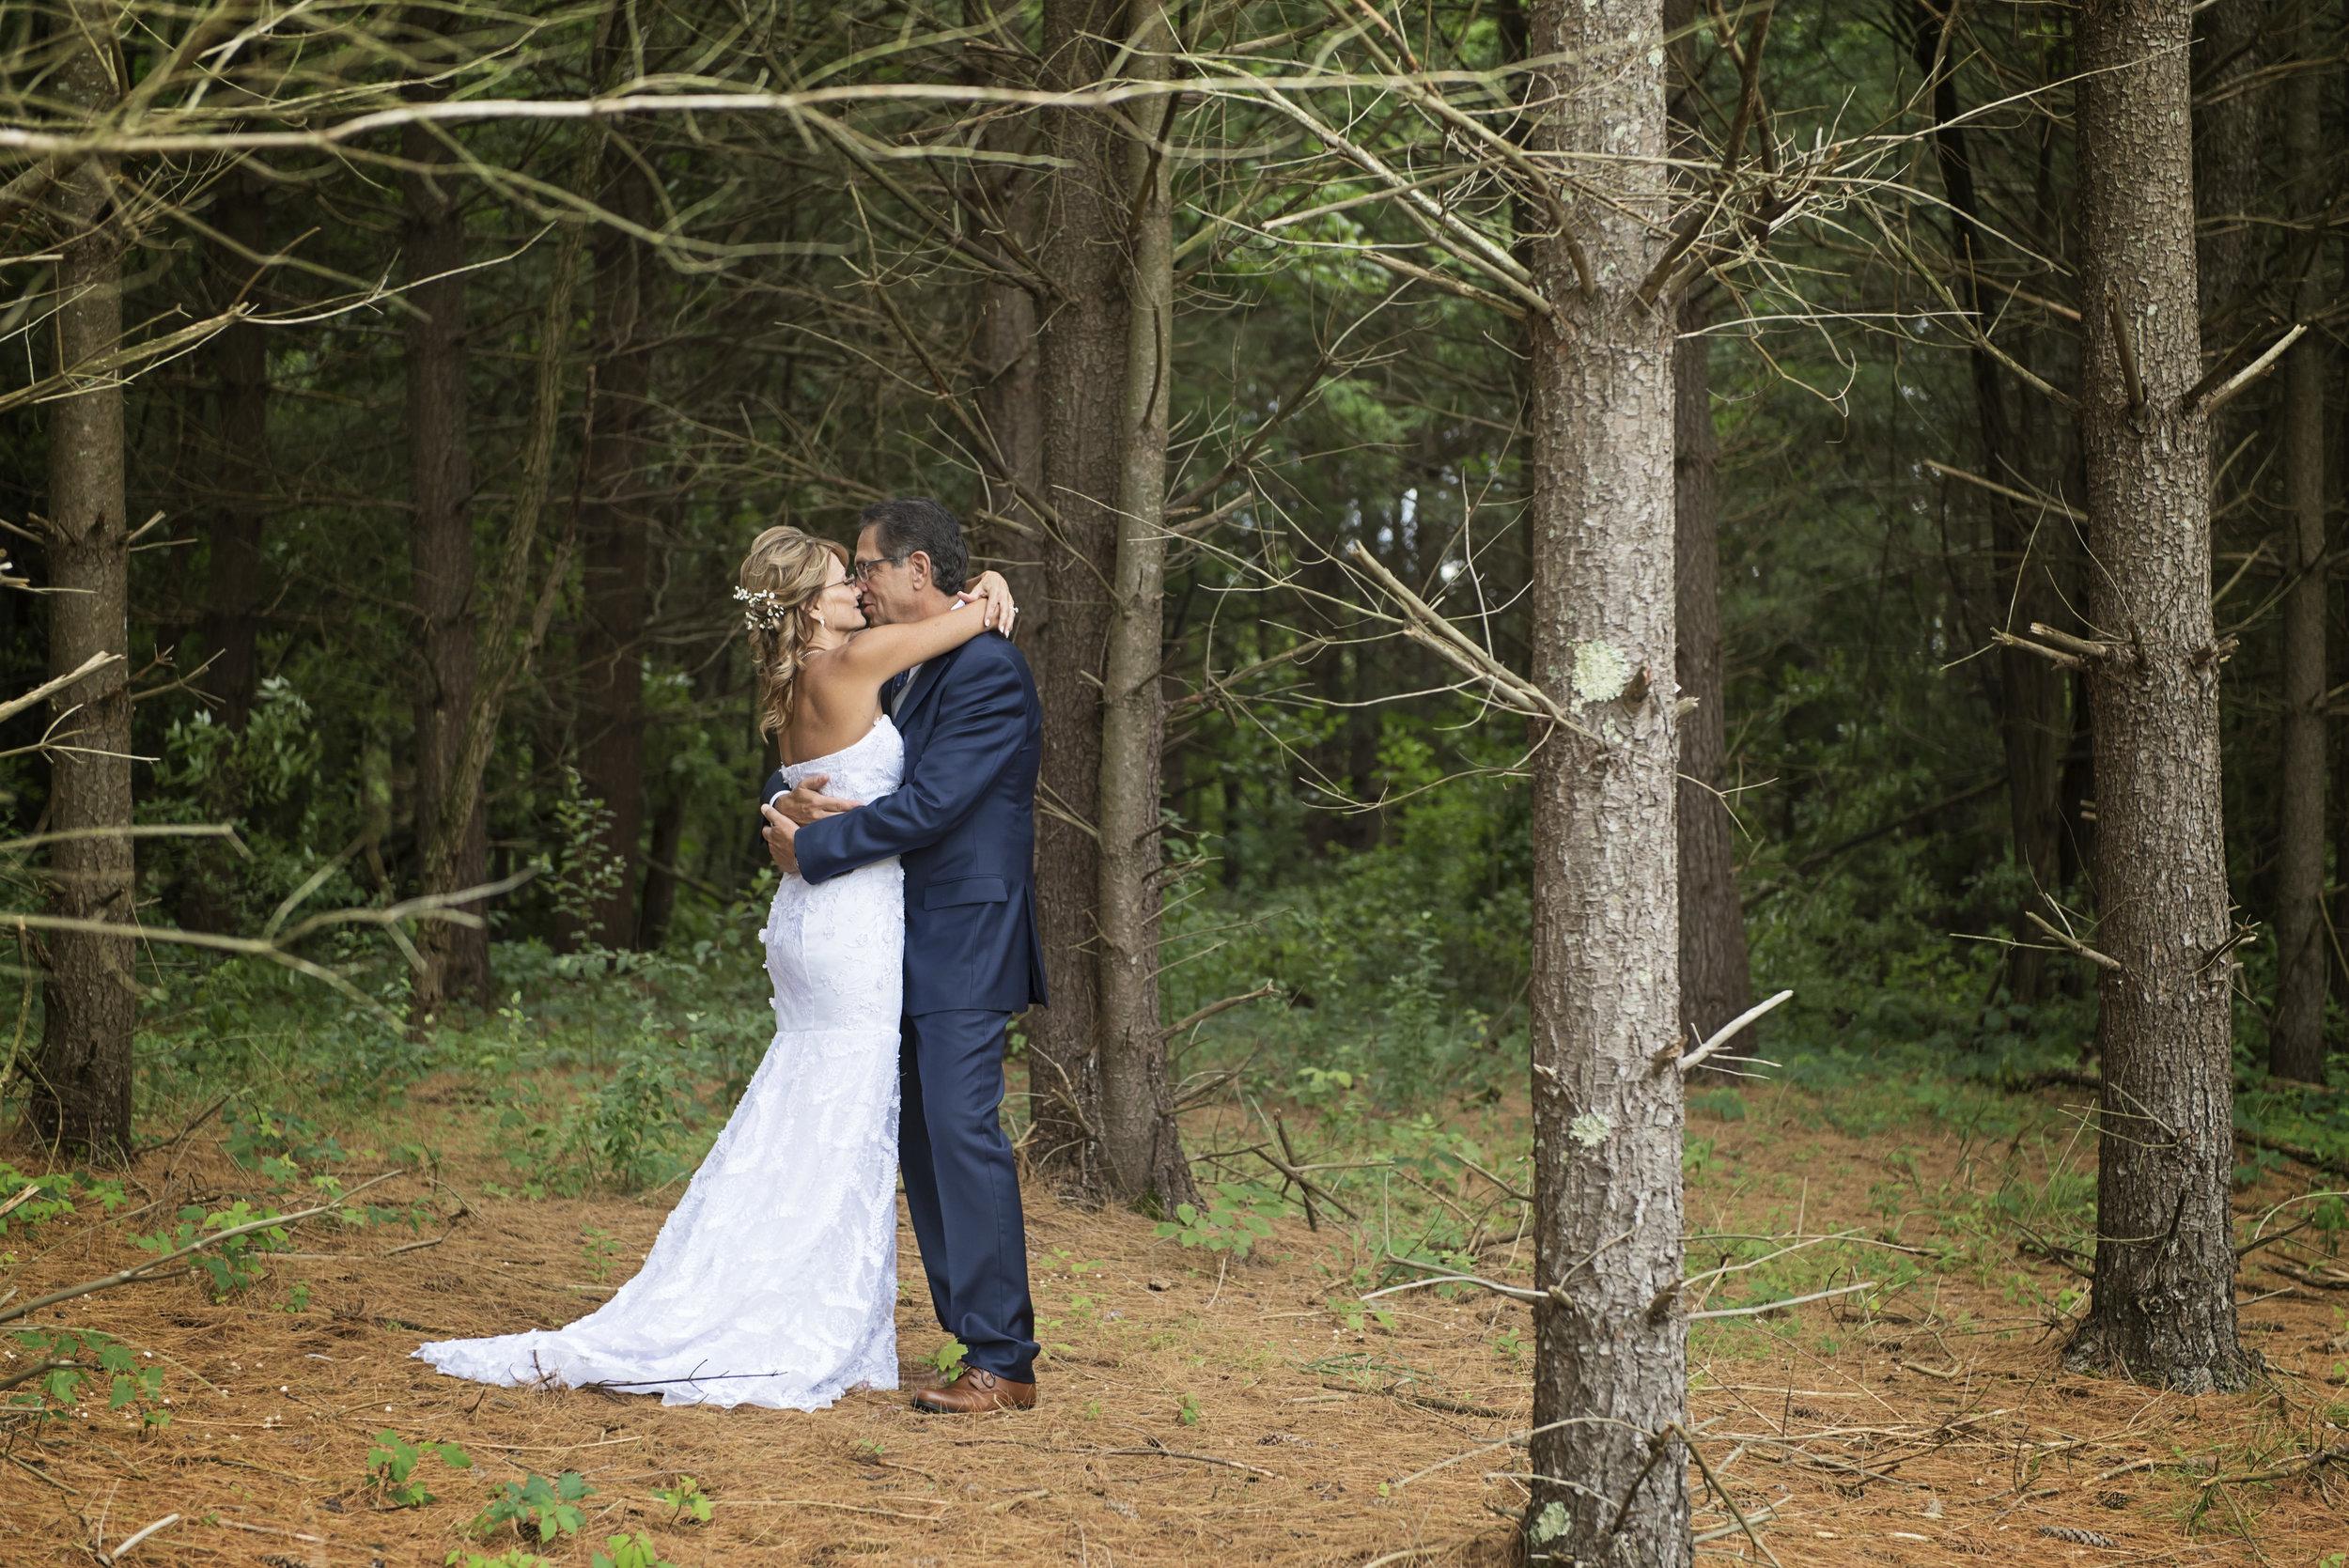 Ruthie+Wayne_Wedding_Sneak_Peek_11.jpg